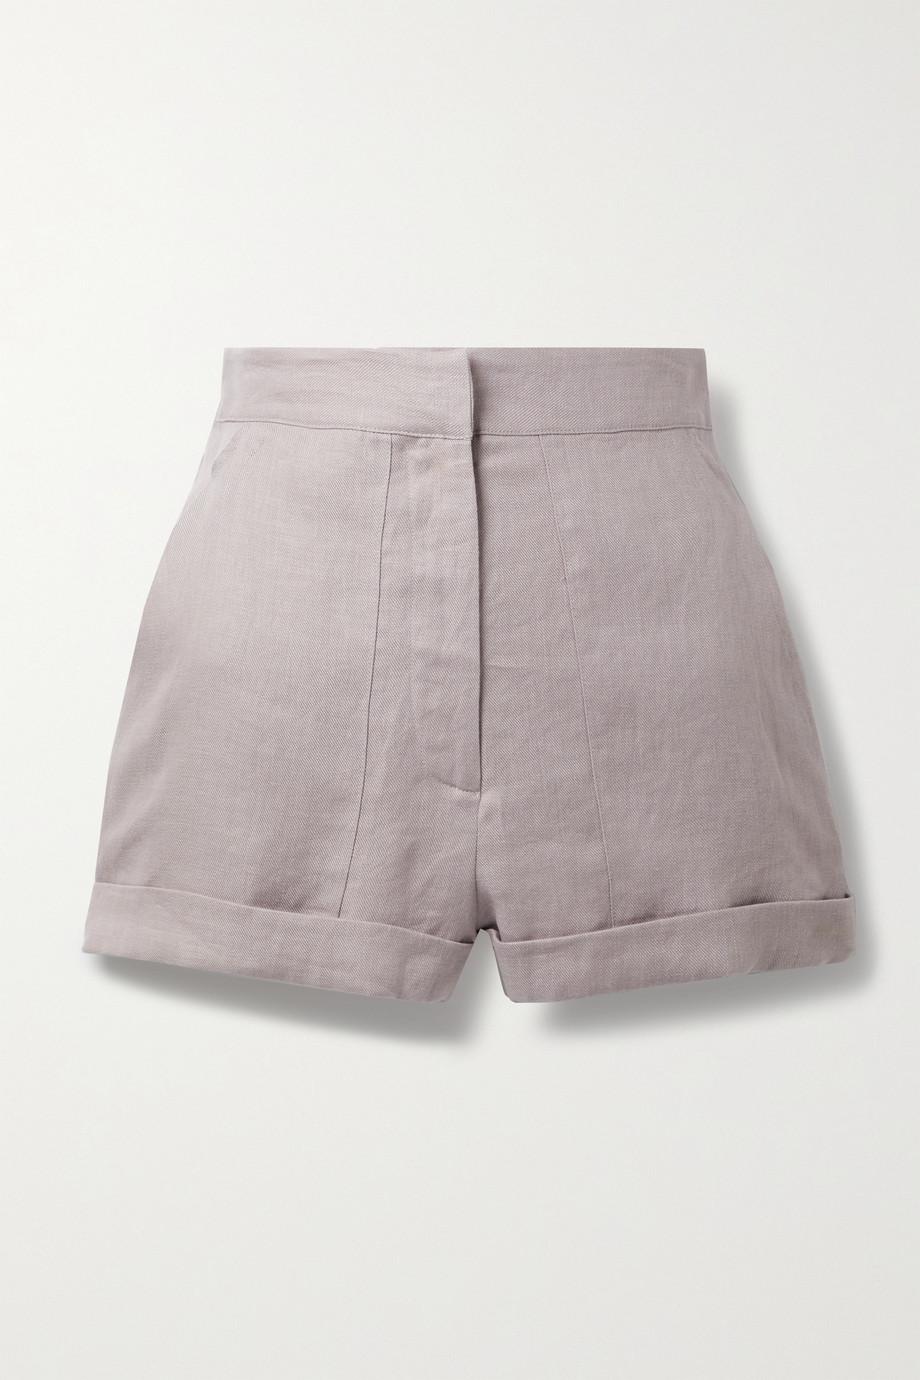 BONDI BORN Brindisi linen-twill shorts